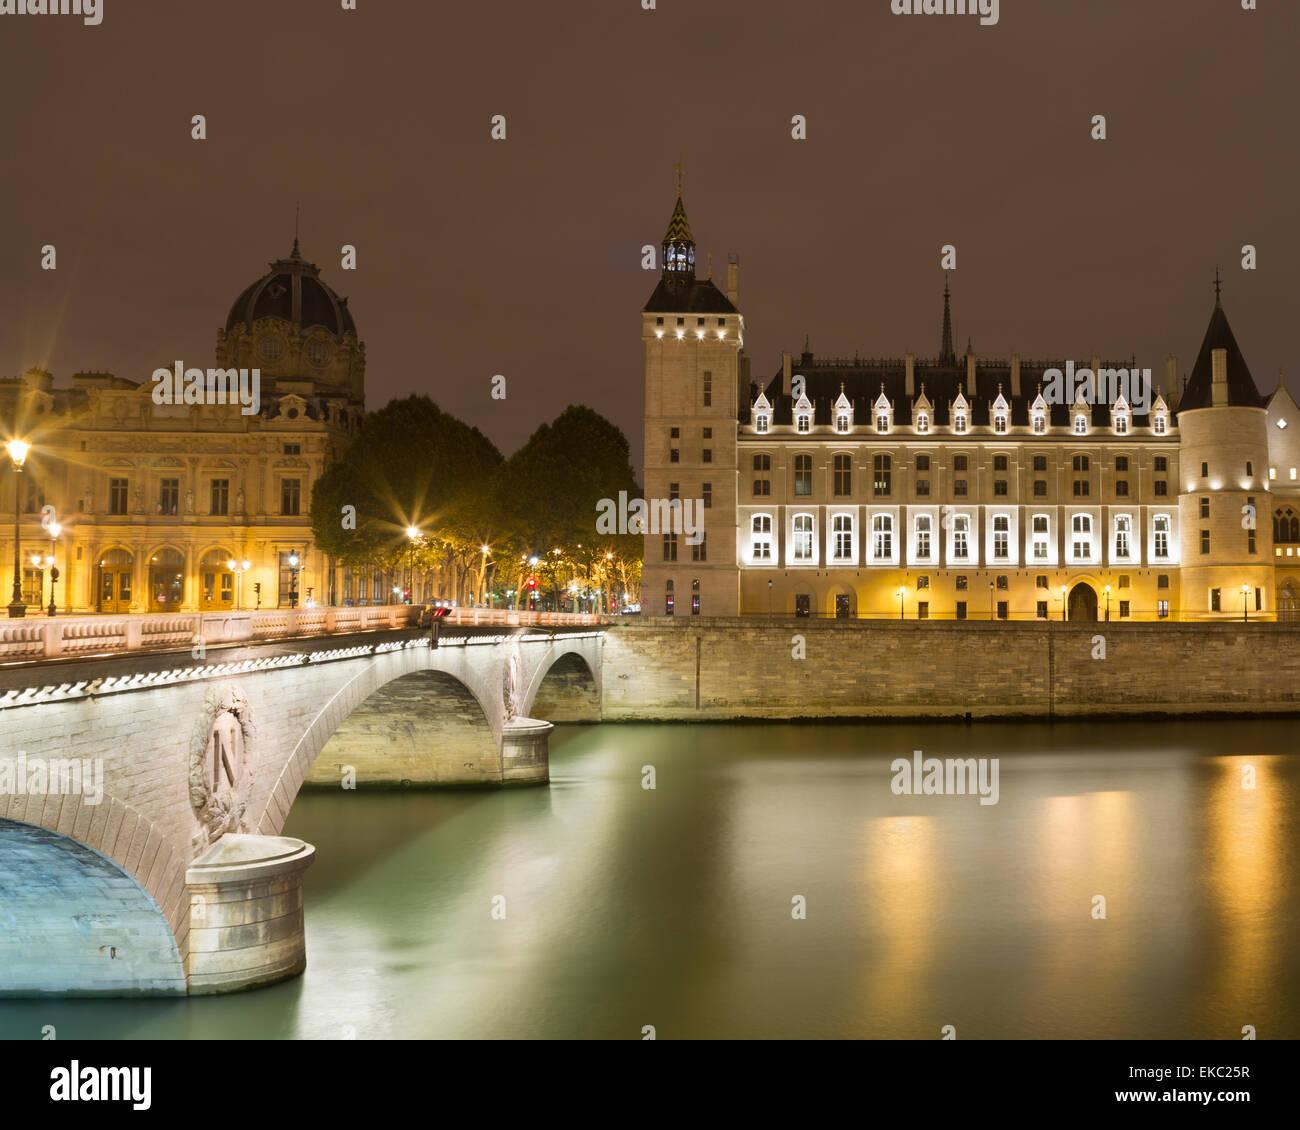 View of floodlit Musee de la Conciergerie and Pont au change at night, Paris, France - Stock Image